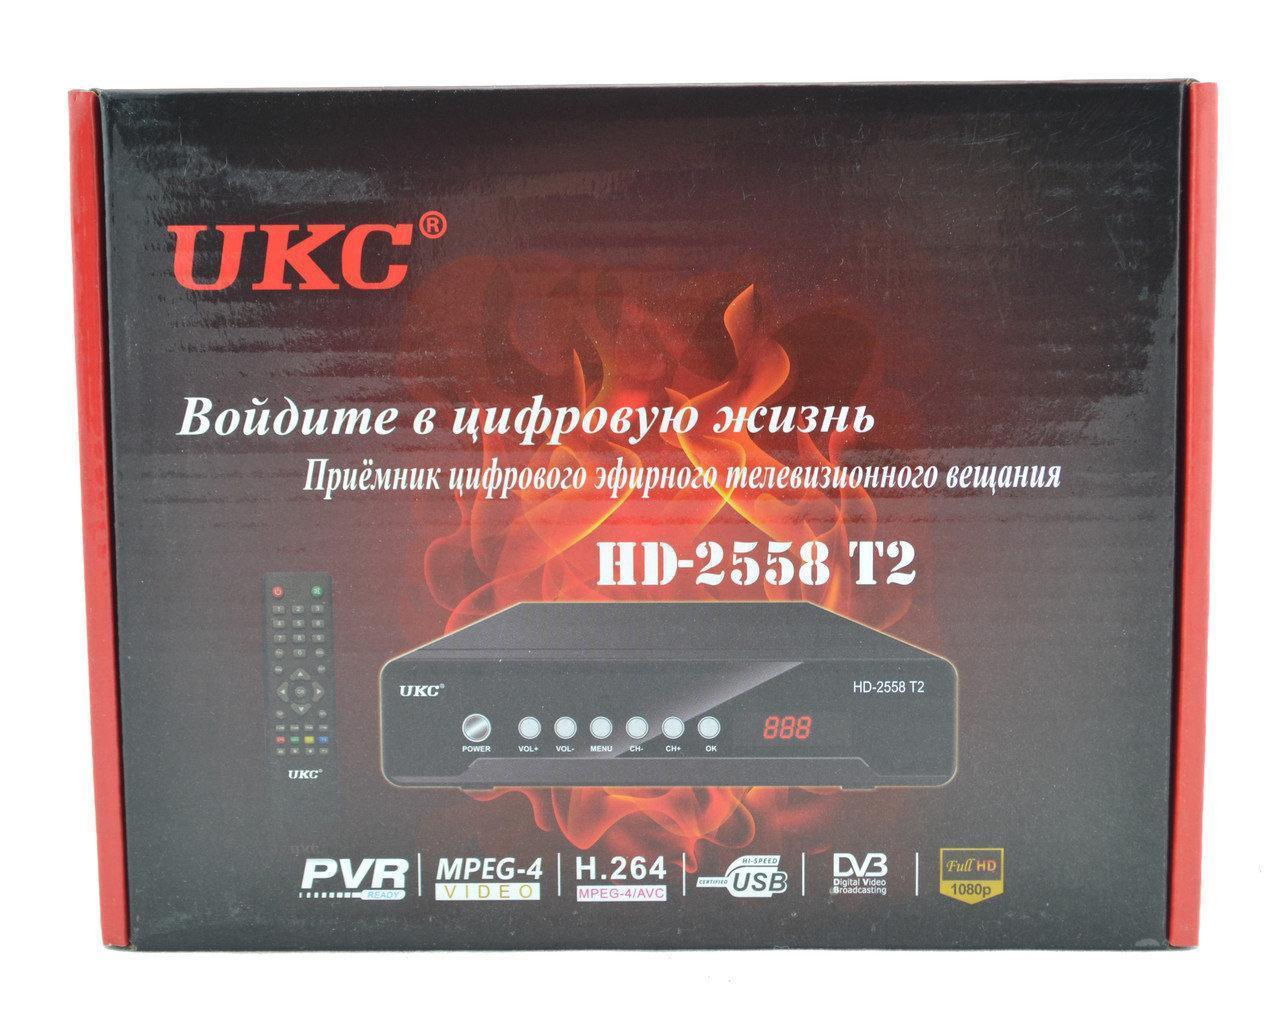 Цифровая приставка тюнер UKC DVB-T2 2558 METAL